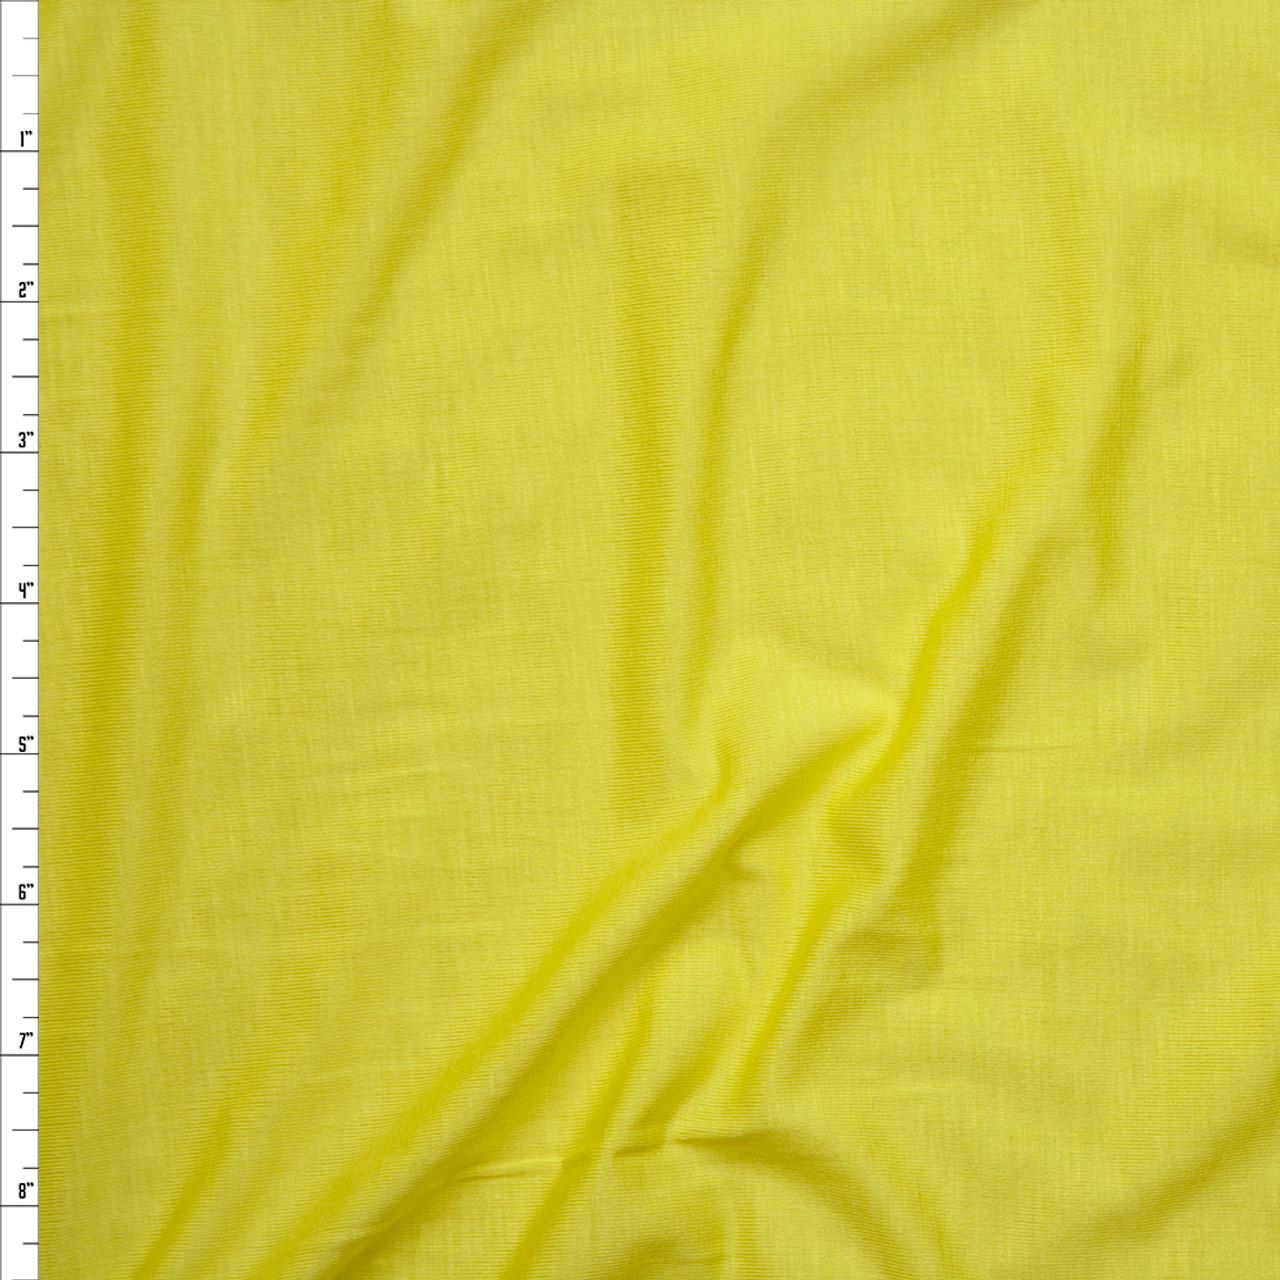 aa483a2e55a Cali Fabrics Yellow Stretch Modal Jersey Knit Fabric by the Yard